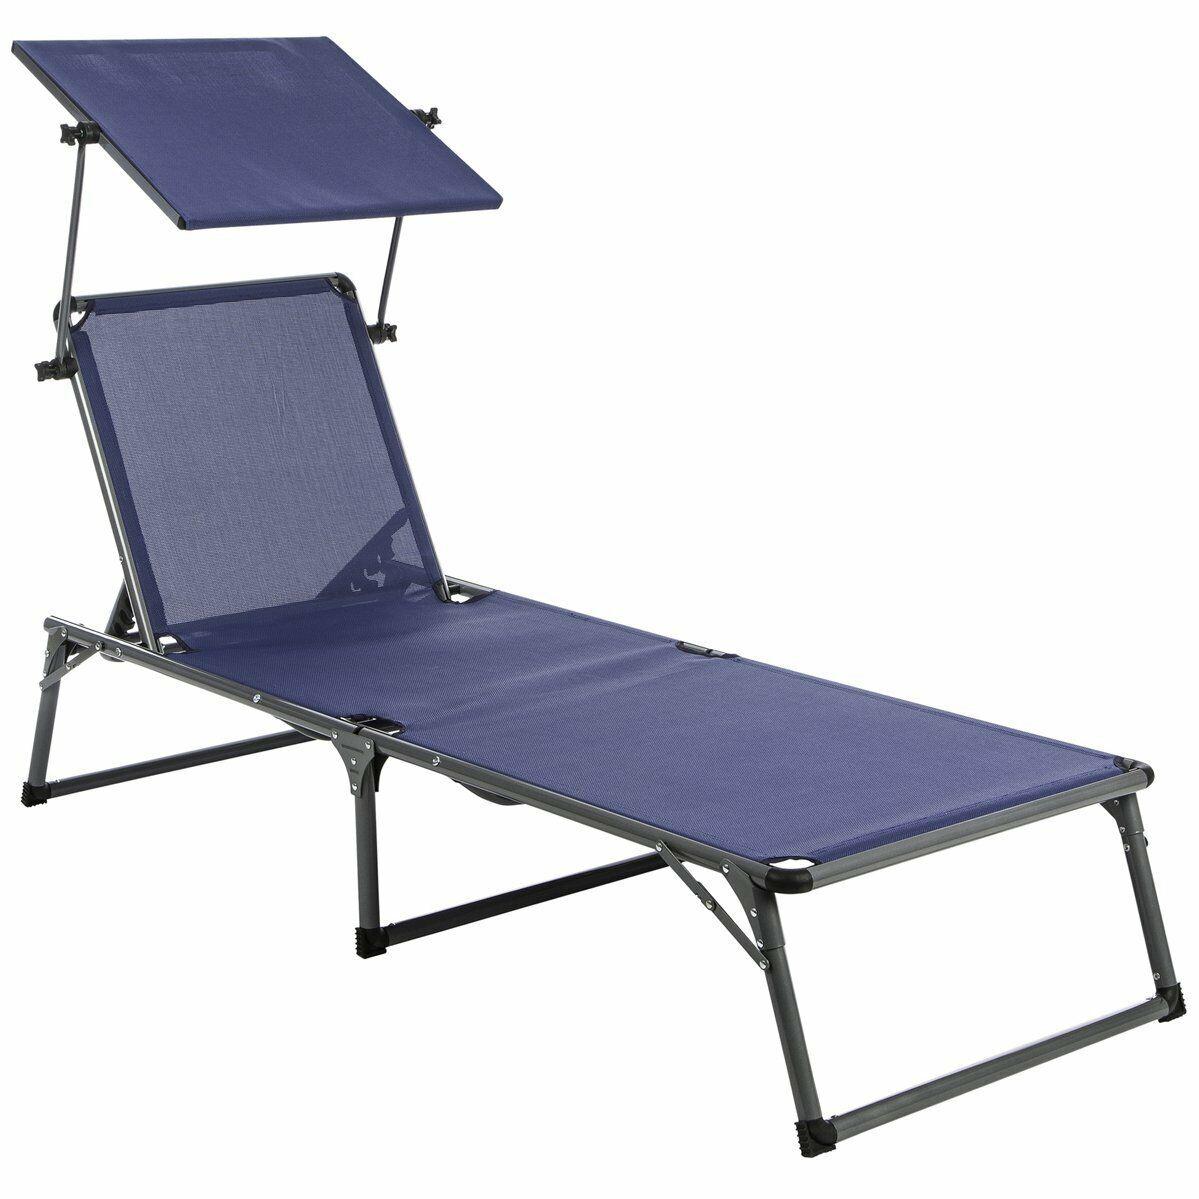 Ultranatur Aluminium Sonnenliege Nizza mit Dach blau Gartenliege Neu BWare